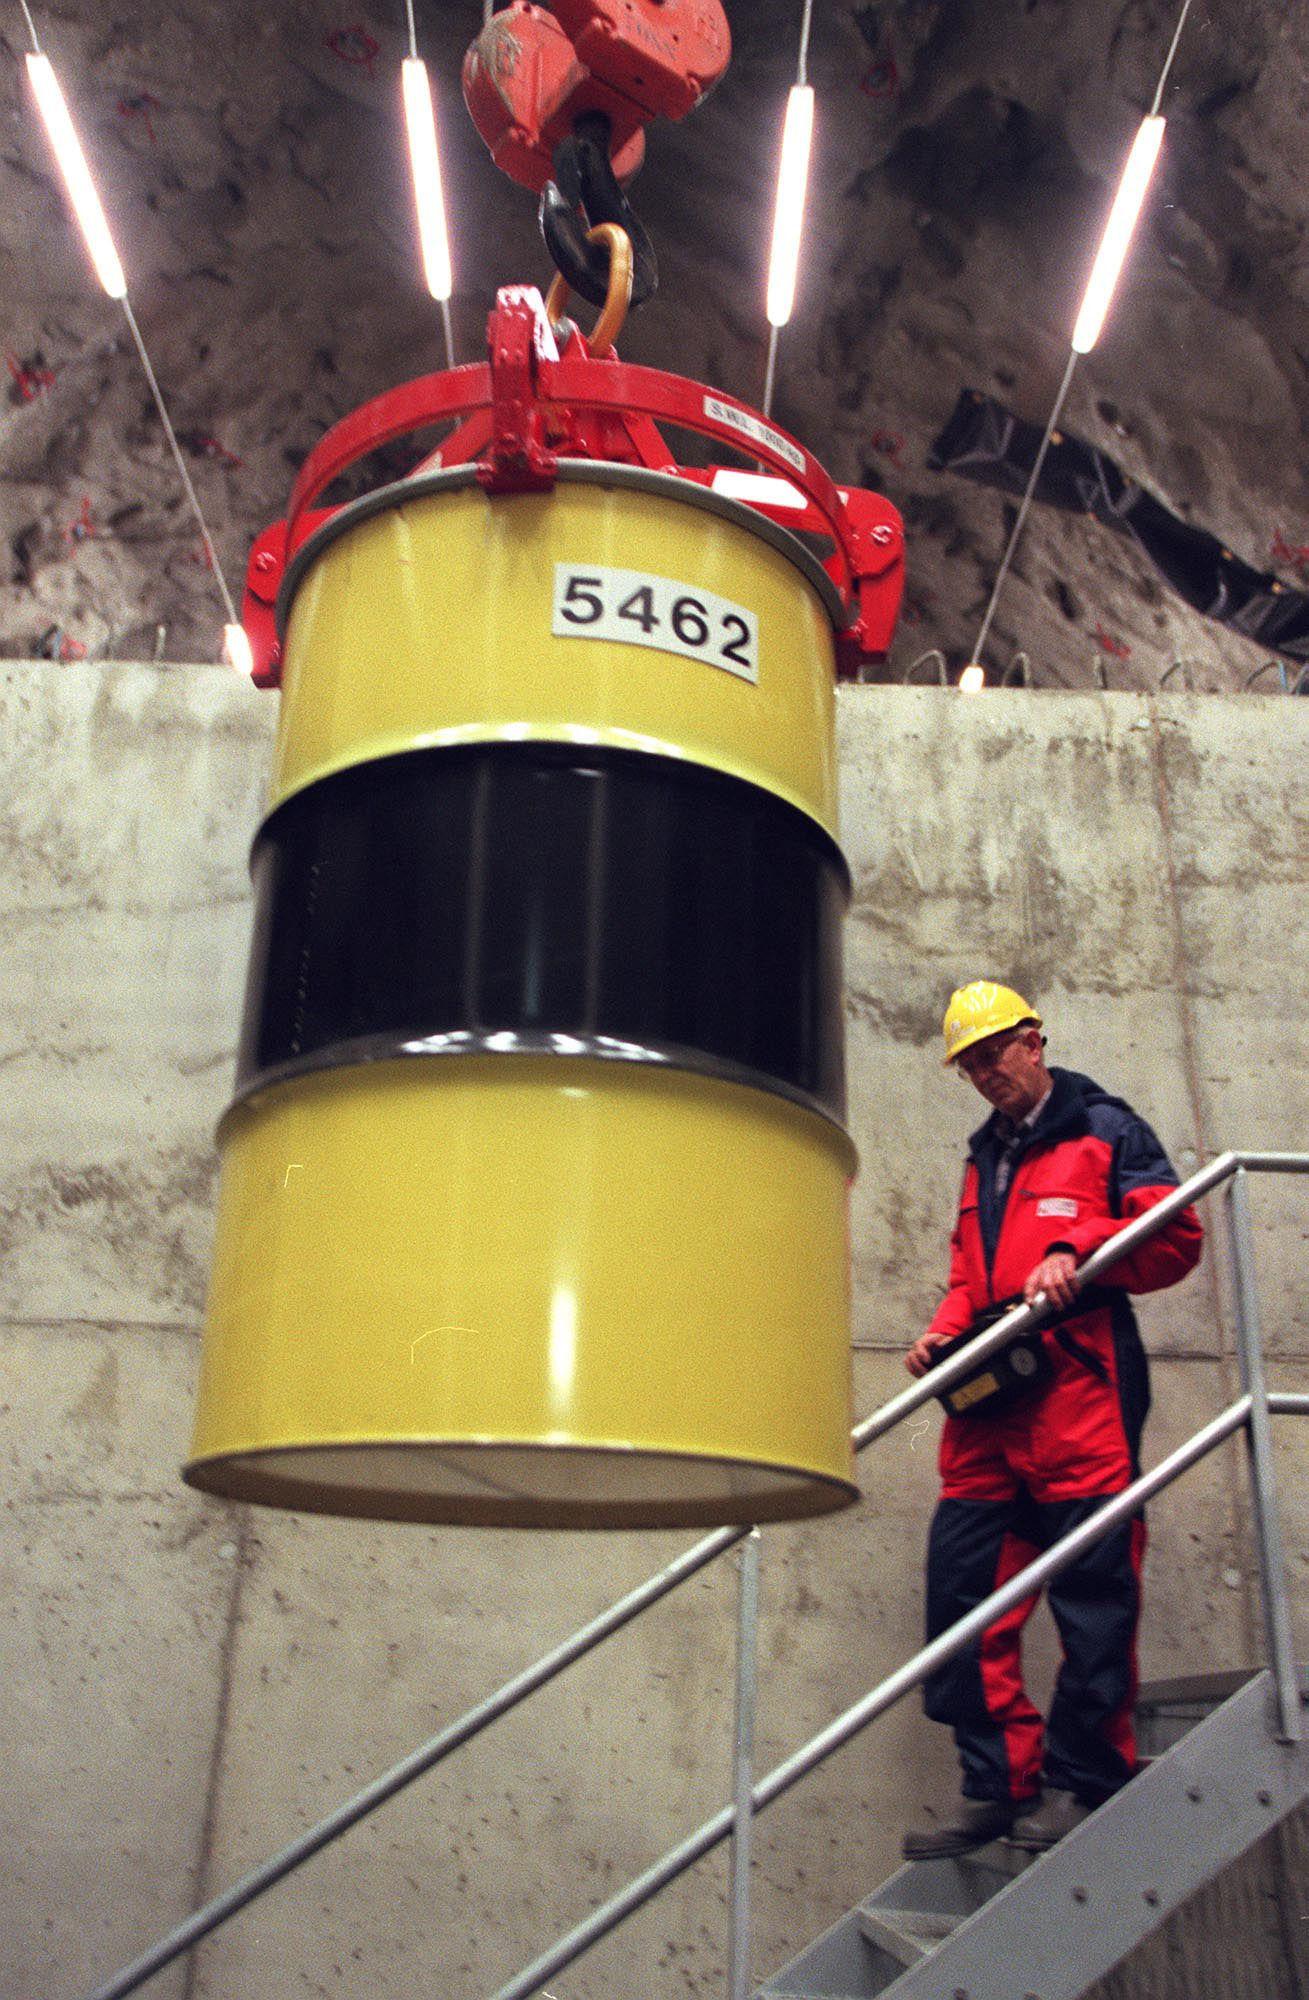 Norsk atomavfall lagres i dag i et solid anlegg i Aurskog Høland; som foruten fysisk sikring også overvåkes fra forskningsreaktorene våre. I fremtiden kan dette avfallet brukes for å skape elektrisk strøm, og det som kommer ut på motsatt side vil være betydelig mindre radioaktivt – og dessuten behøve mye kortere lagringstid.Foto: NTB scanpix